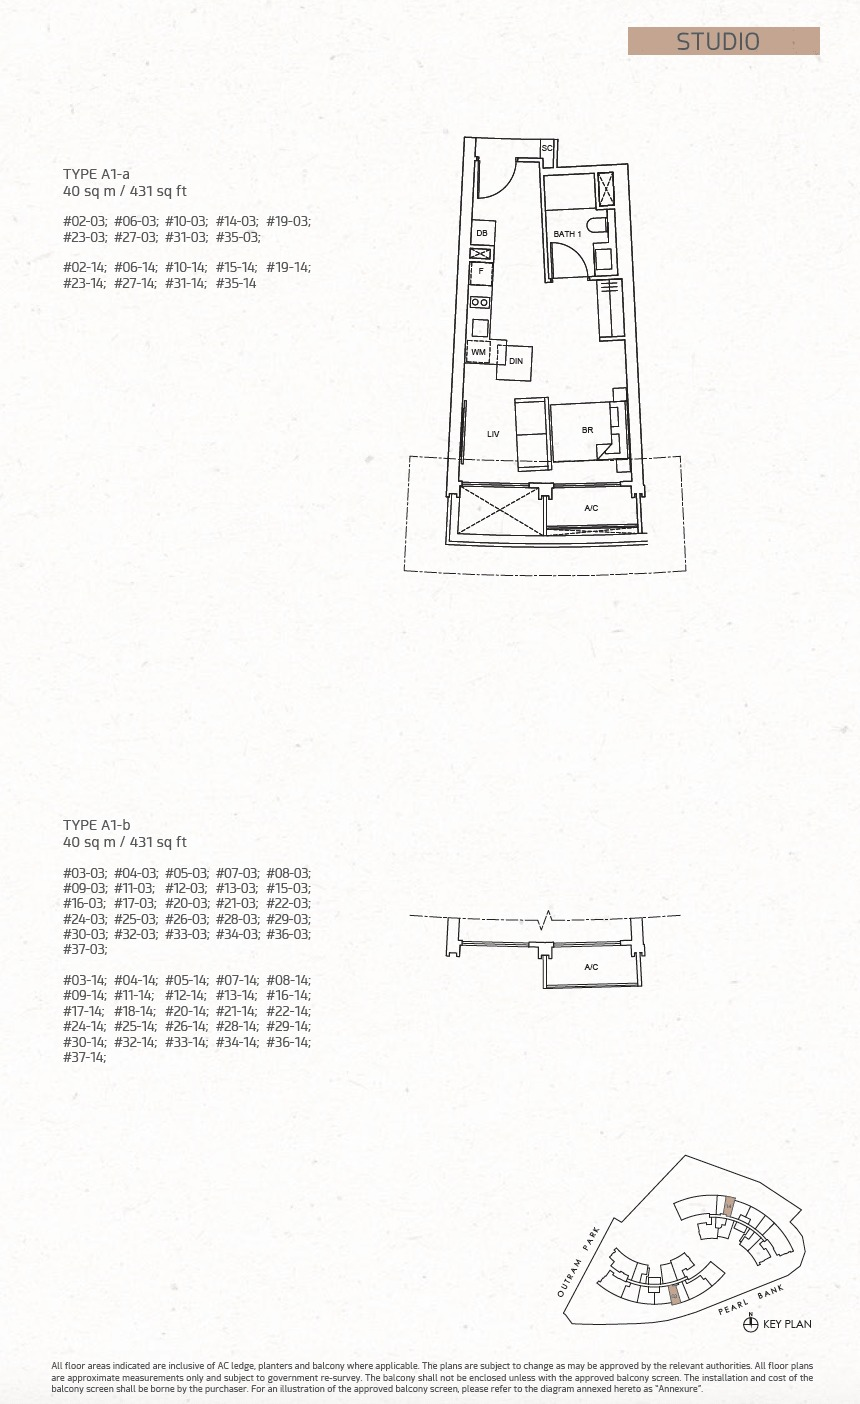 One-Pearl-Bank-floor-plan-studio